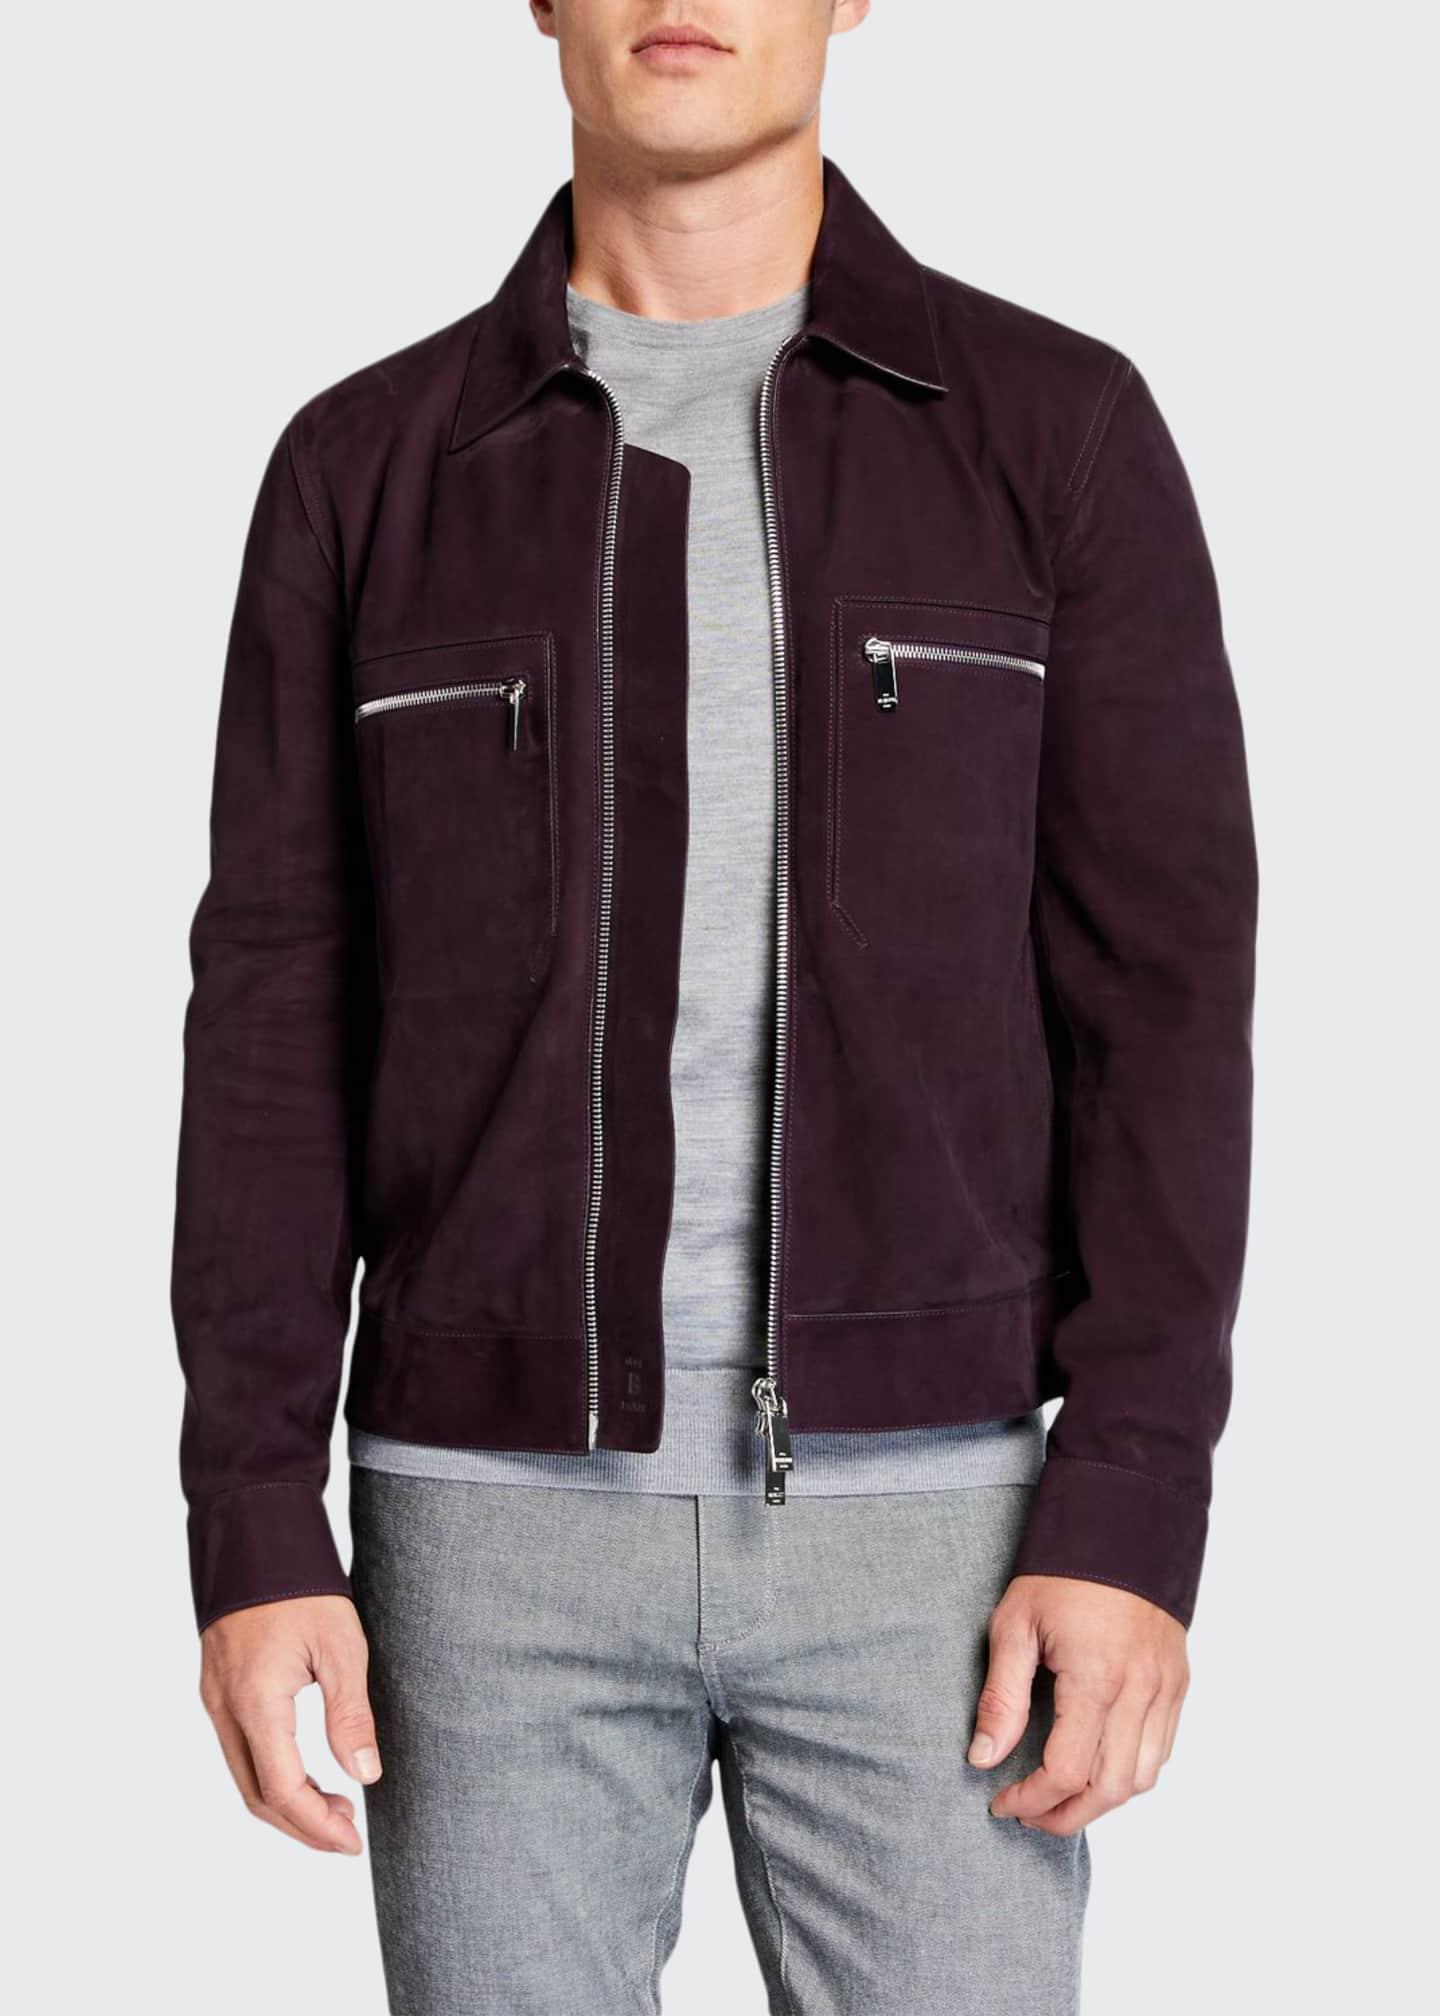 Berluti Men's Suede Jacket w/ Silvertone Hardware